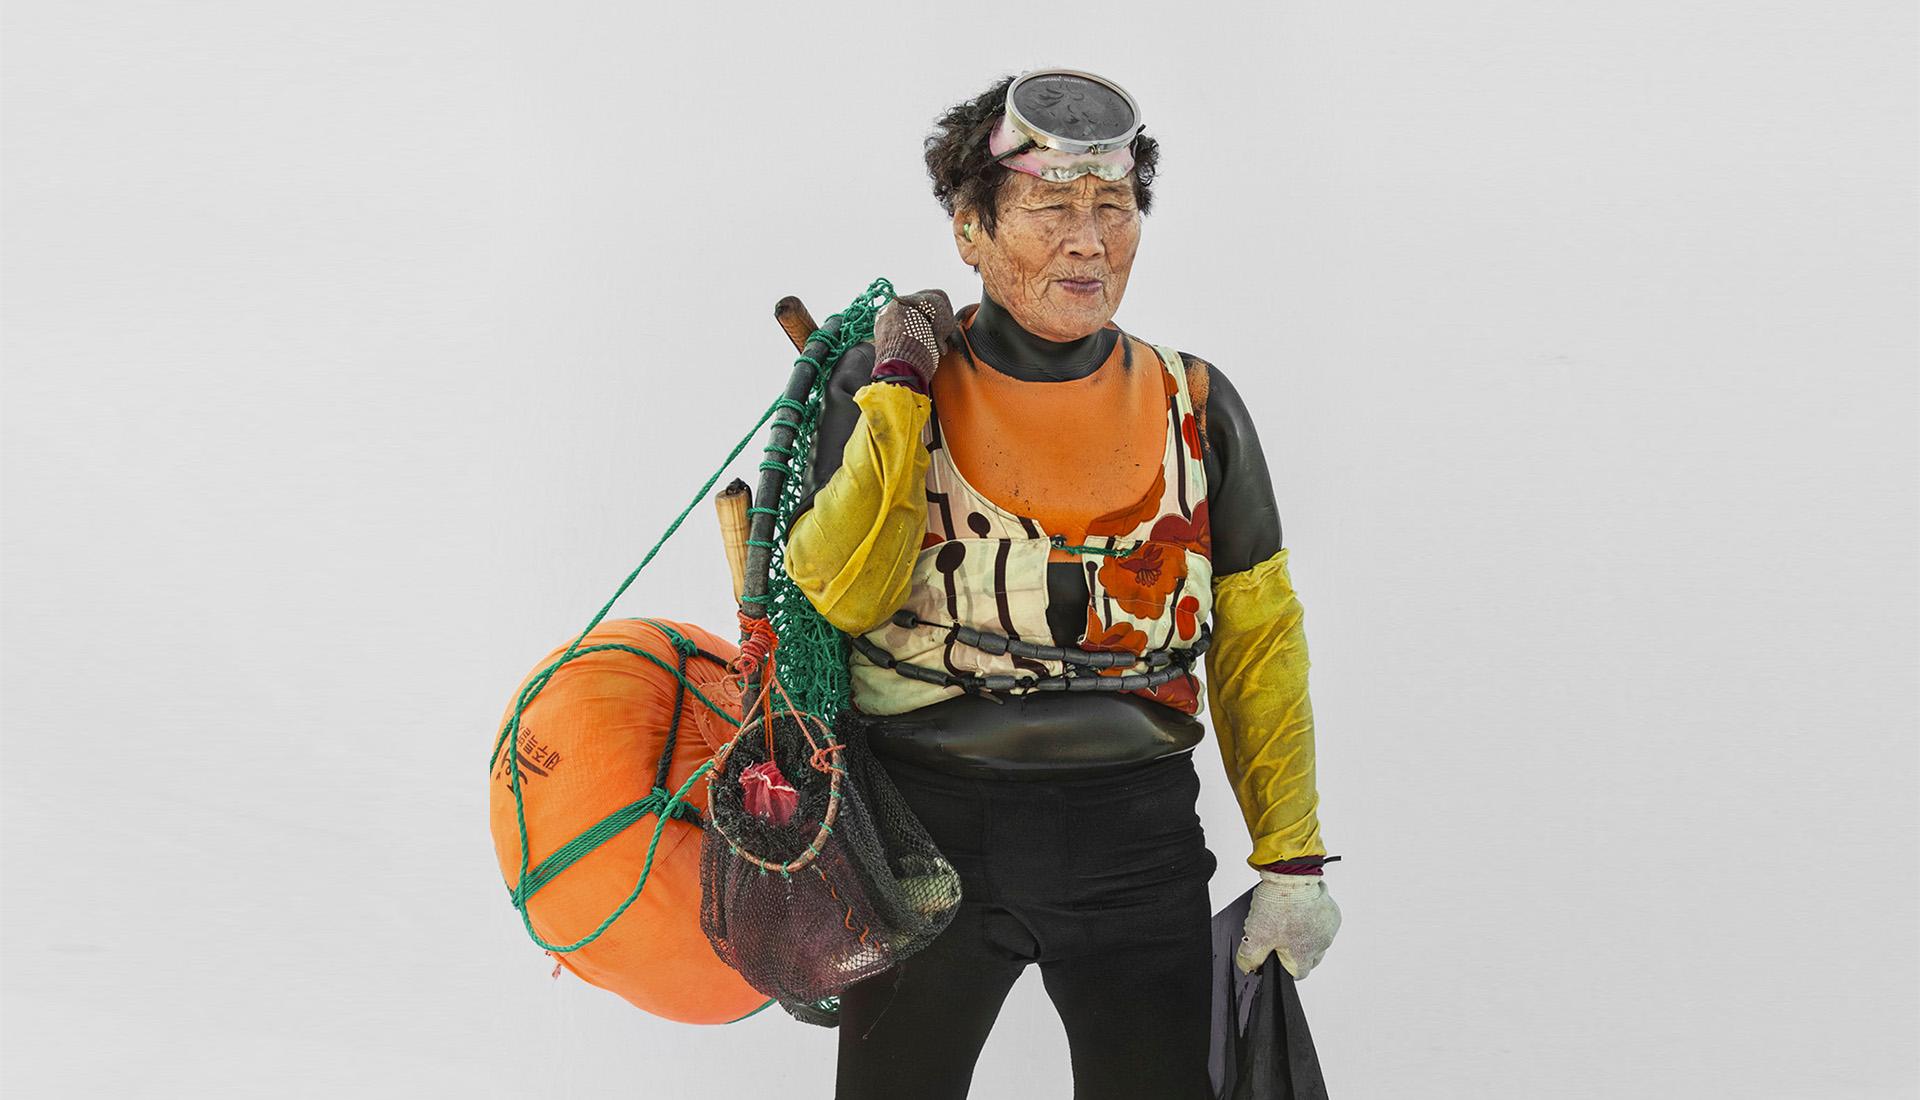 Женщины-дайверы на фотографиях с корейского острова Чеджу